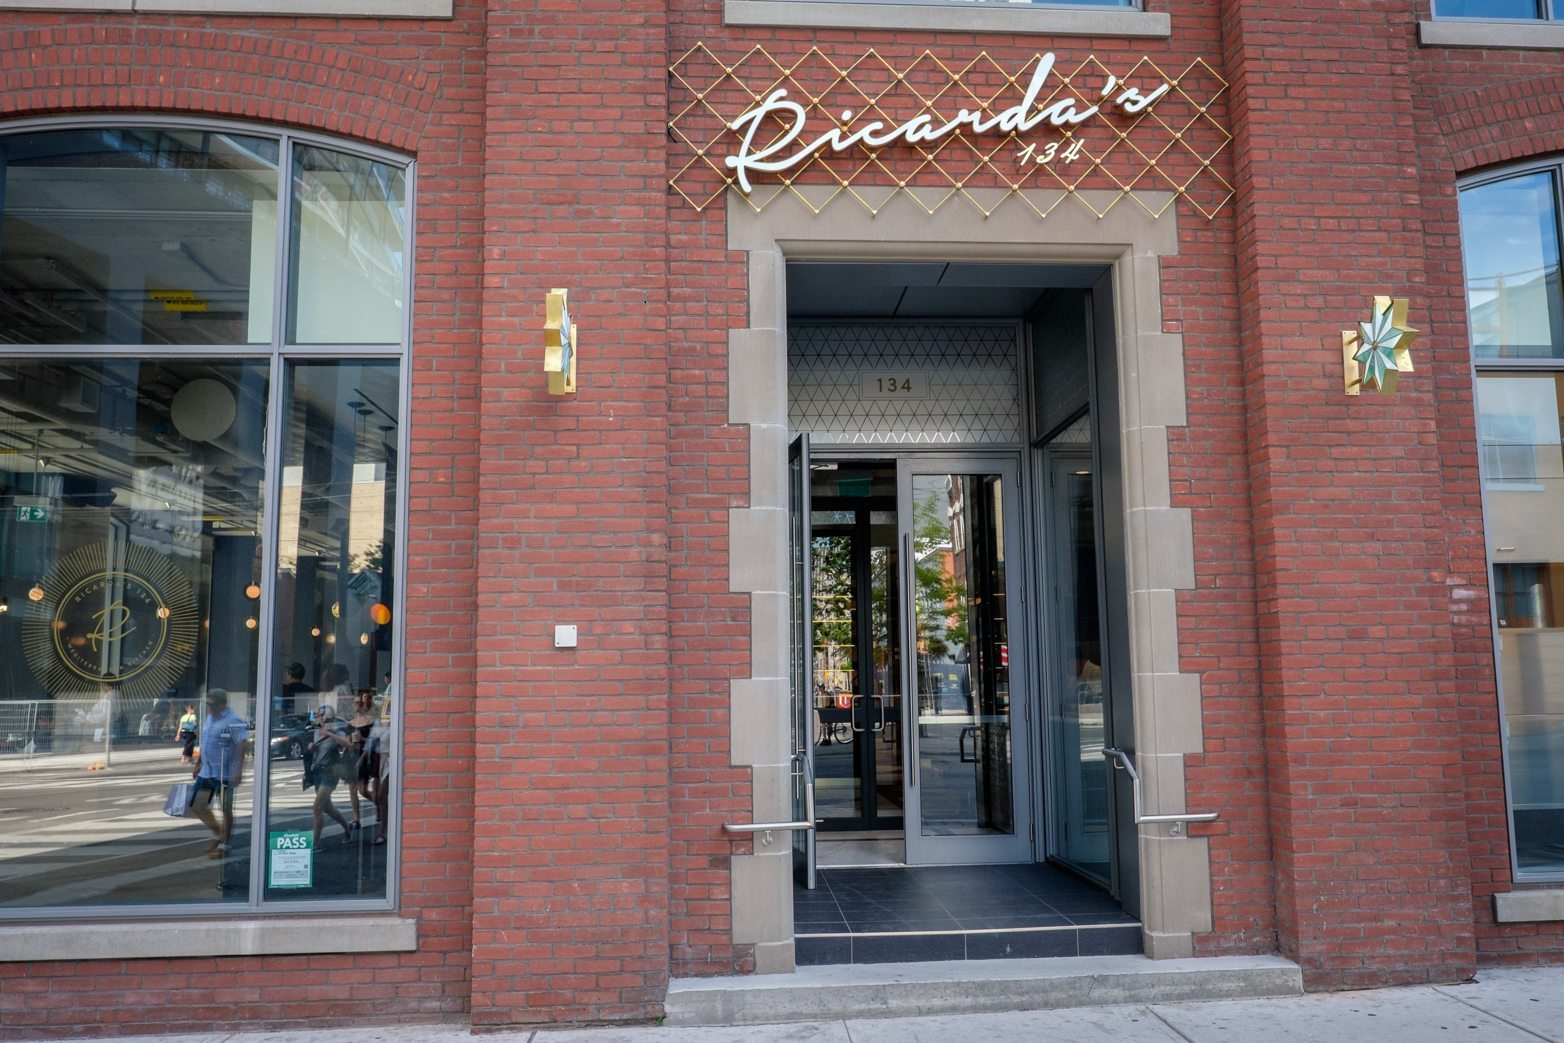 toronto-restaurants-ricardas-queen-west-entertainment-district-mediterranean-entrance